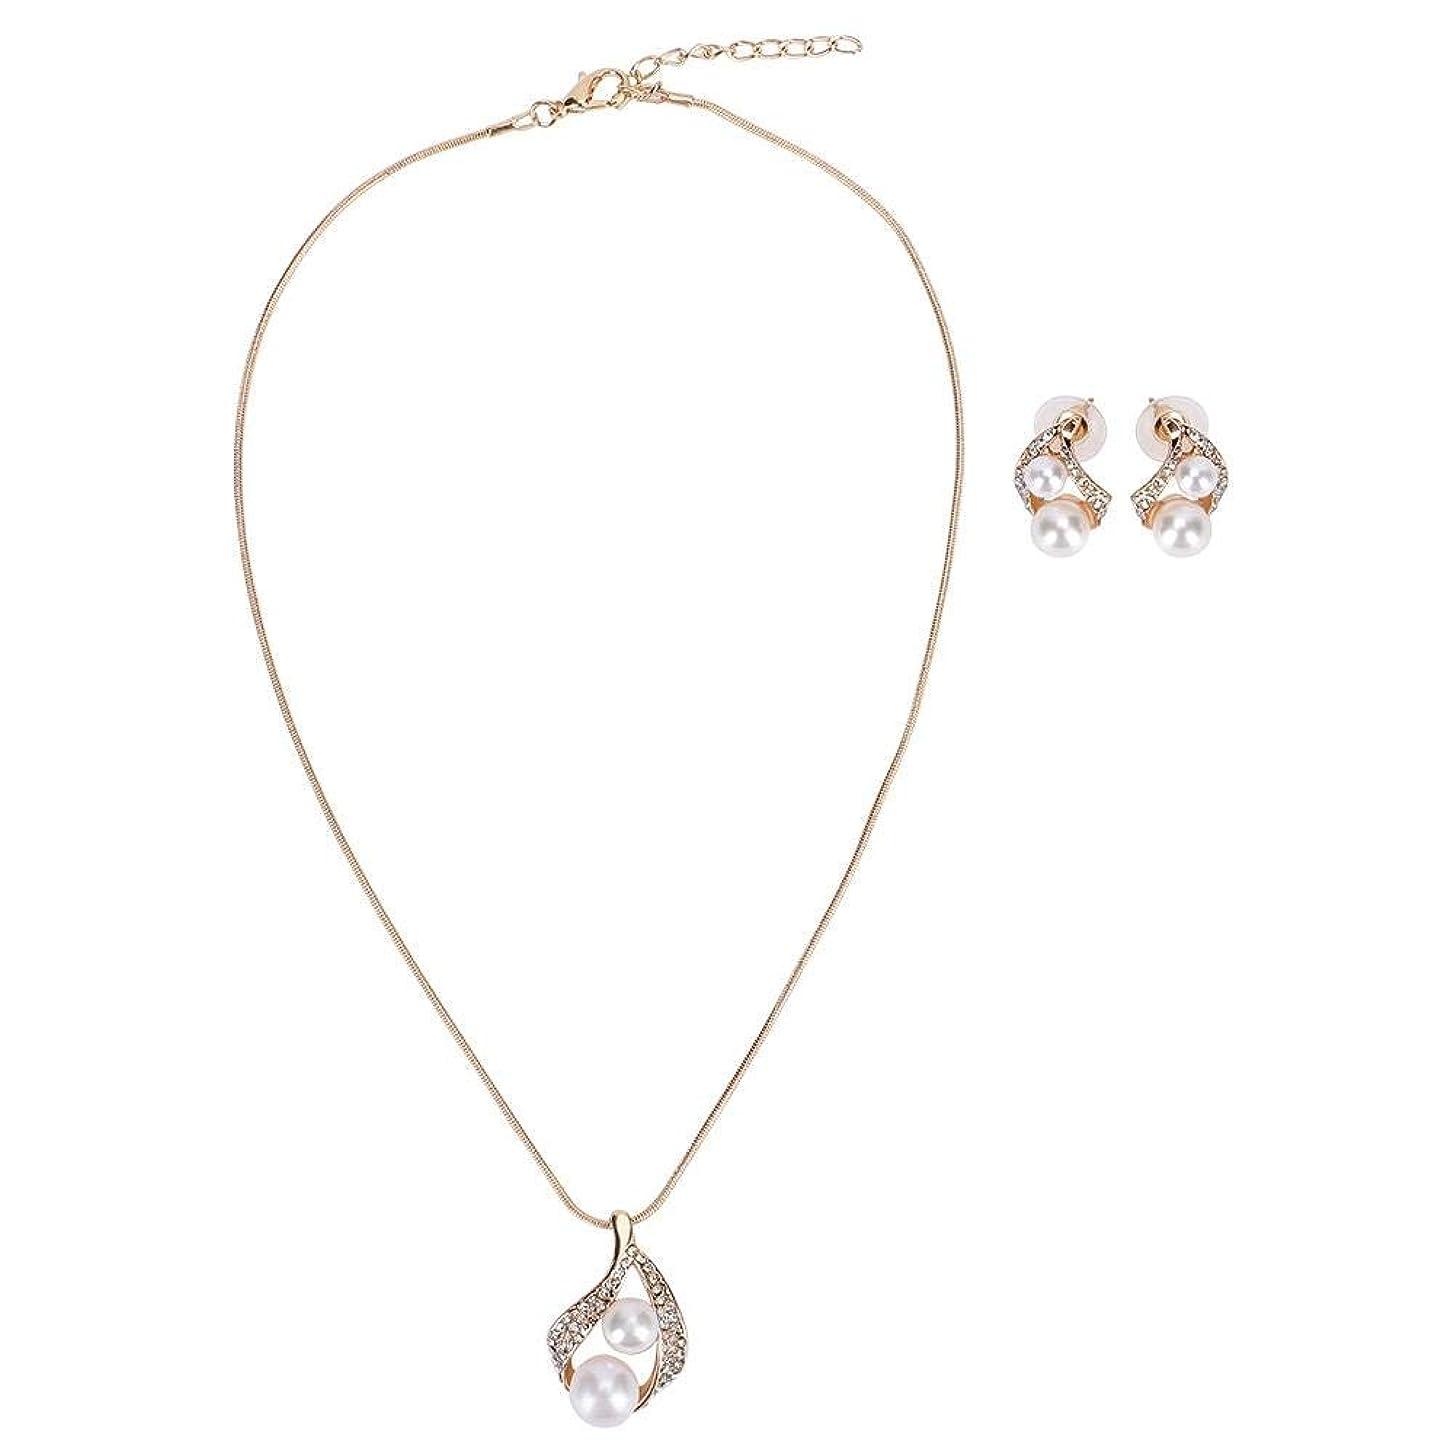 マイクロフォン暖炉無効女性のファッションジュエリーセット、模造真珠のネックレス装飾ペンダントスタッドピアス